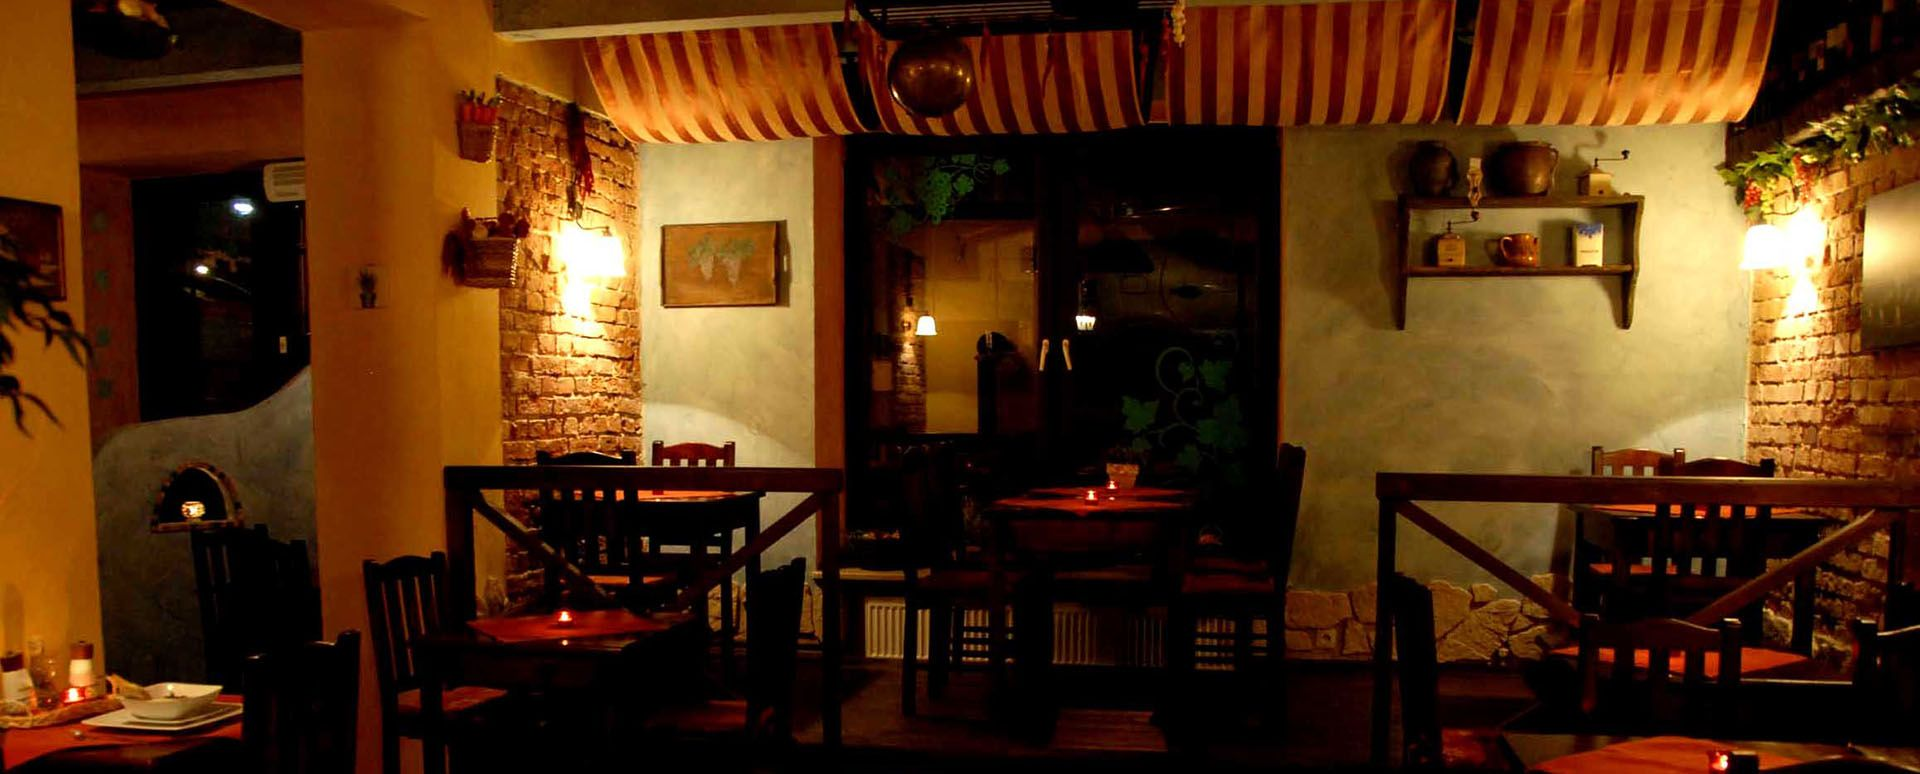 Pizza Krakow Wloska Restauracja W Krakowie Damarco Pl Home Decor Loft Bed Restaurant